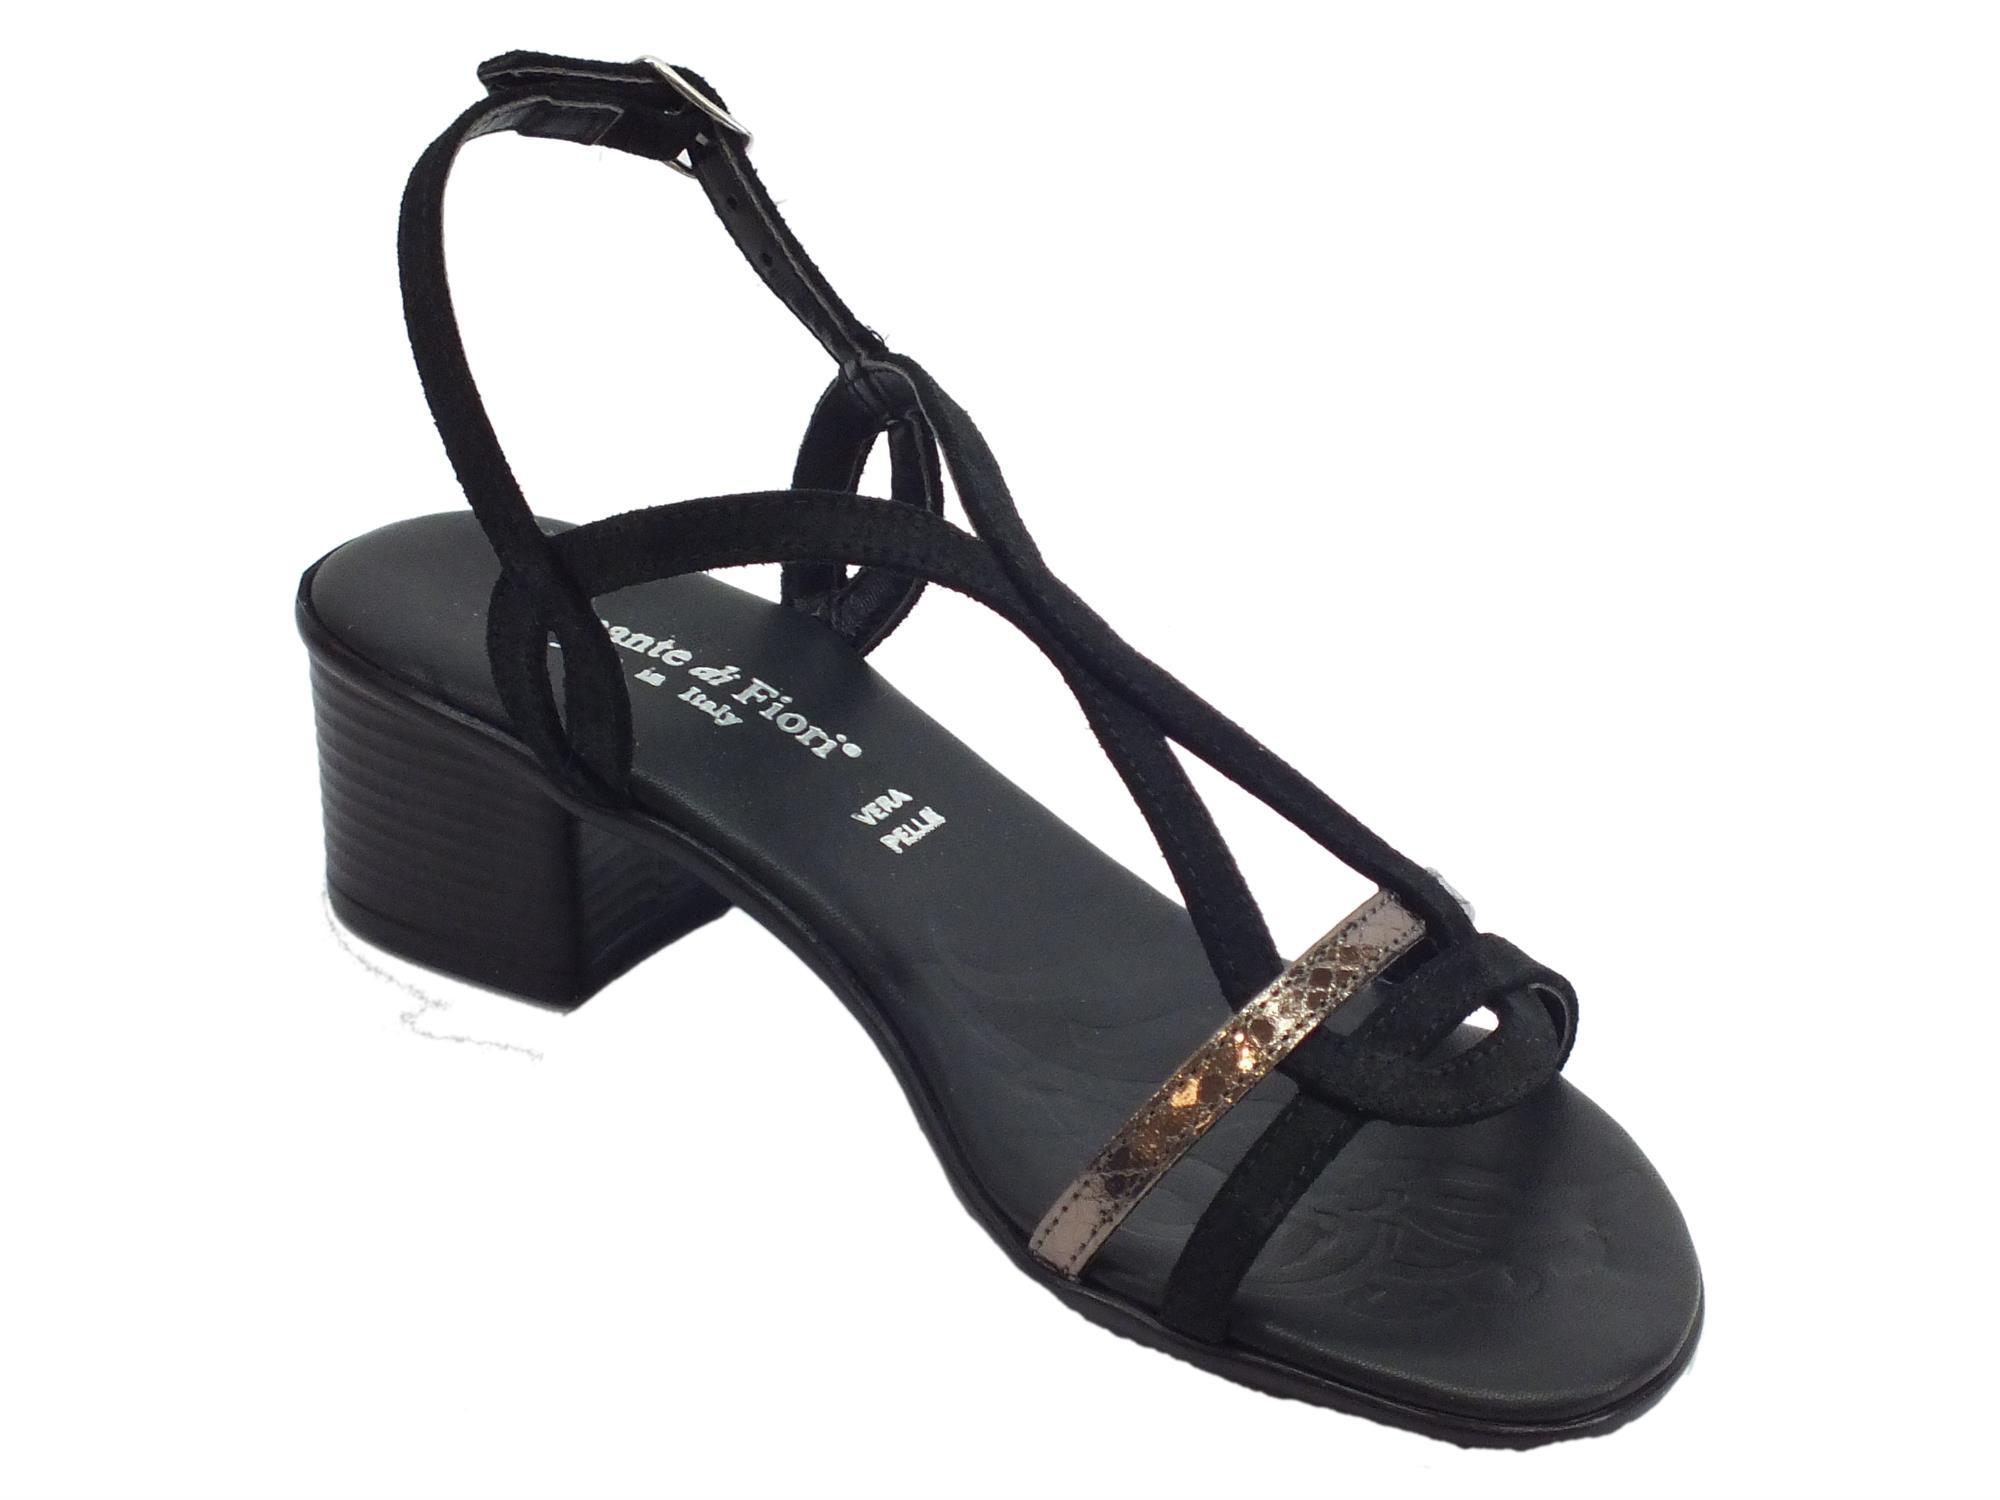 ... Sandali Mercante di Fiori in camoscio e pelle laminata nera tacco basso  ... 8ec07c09a40